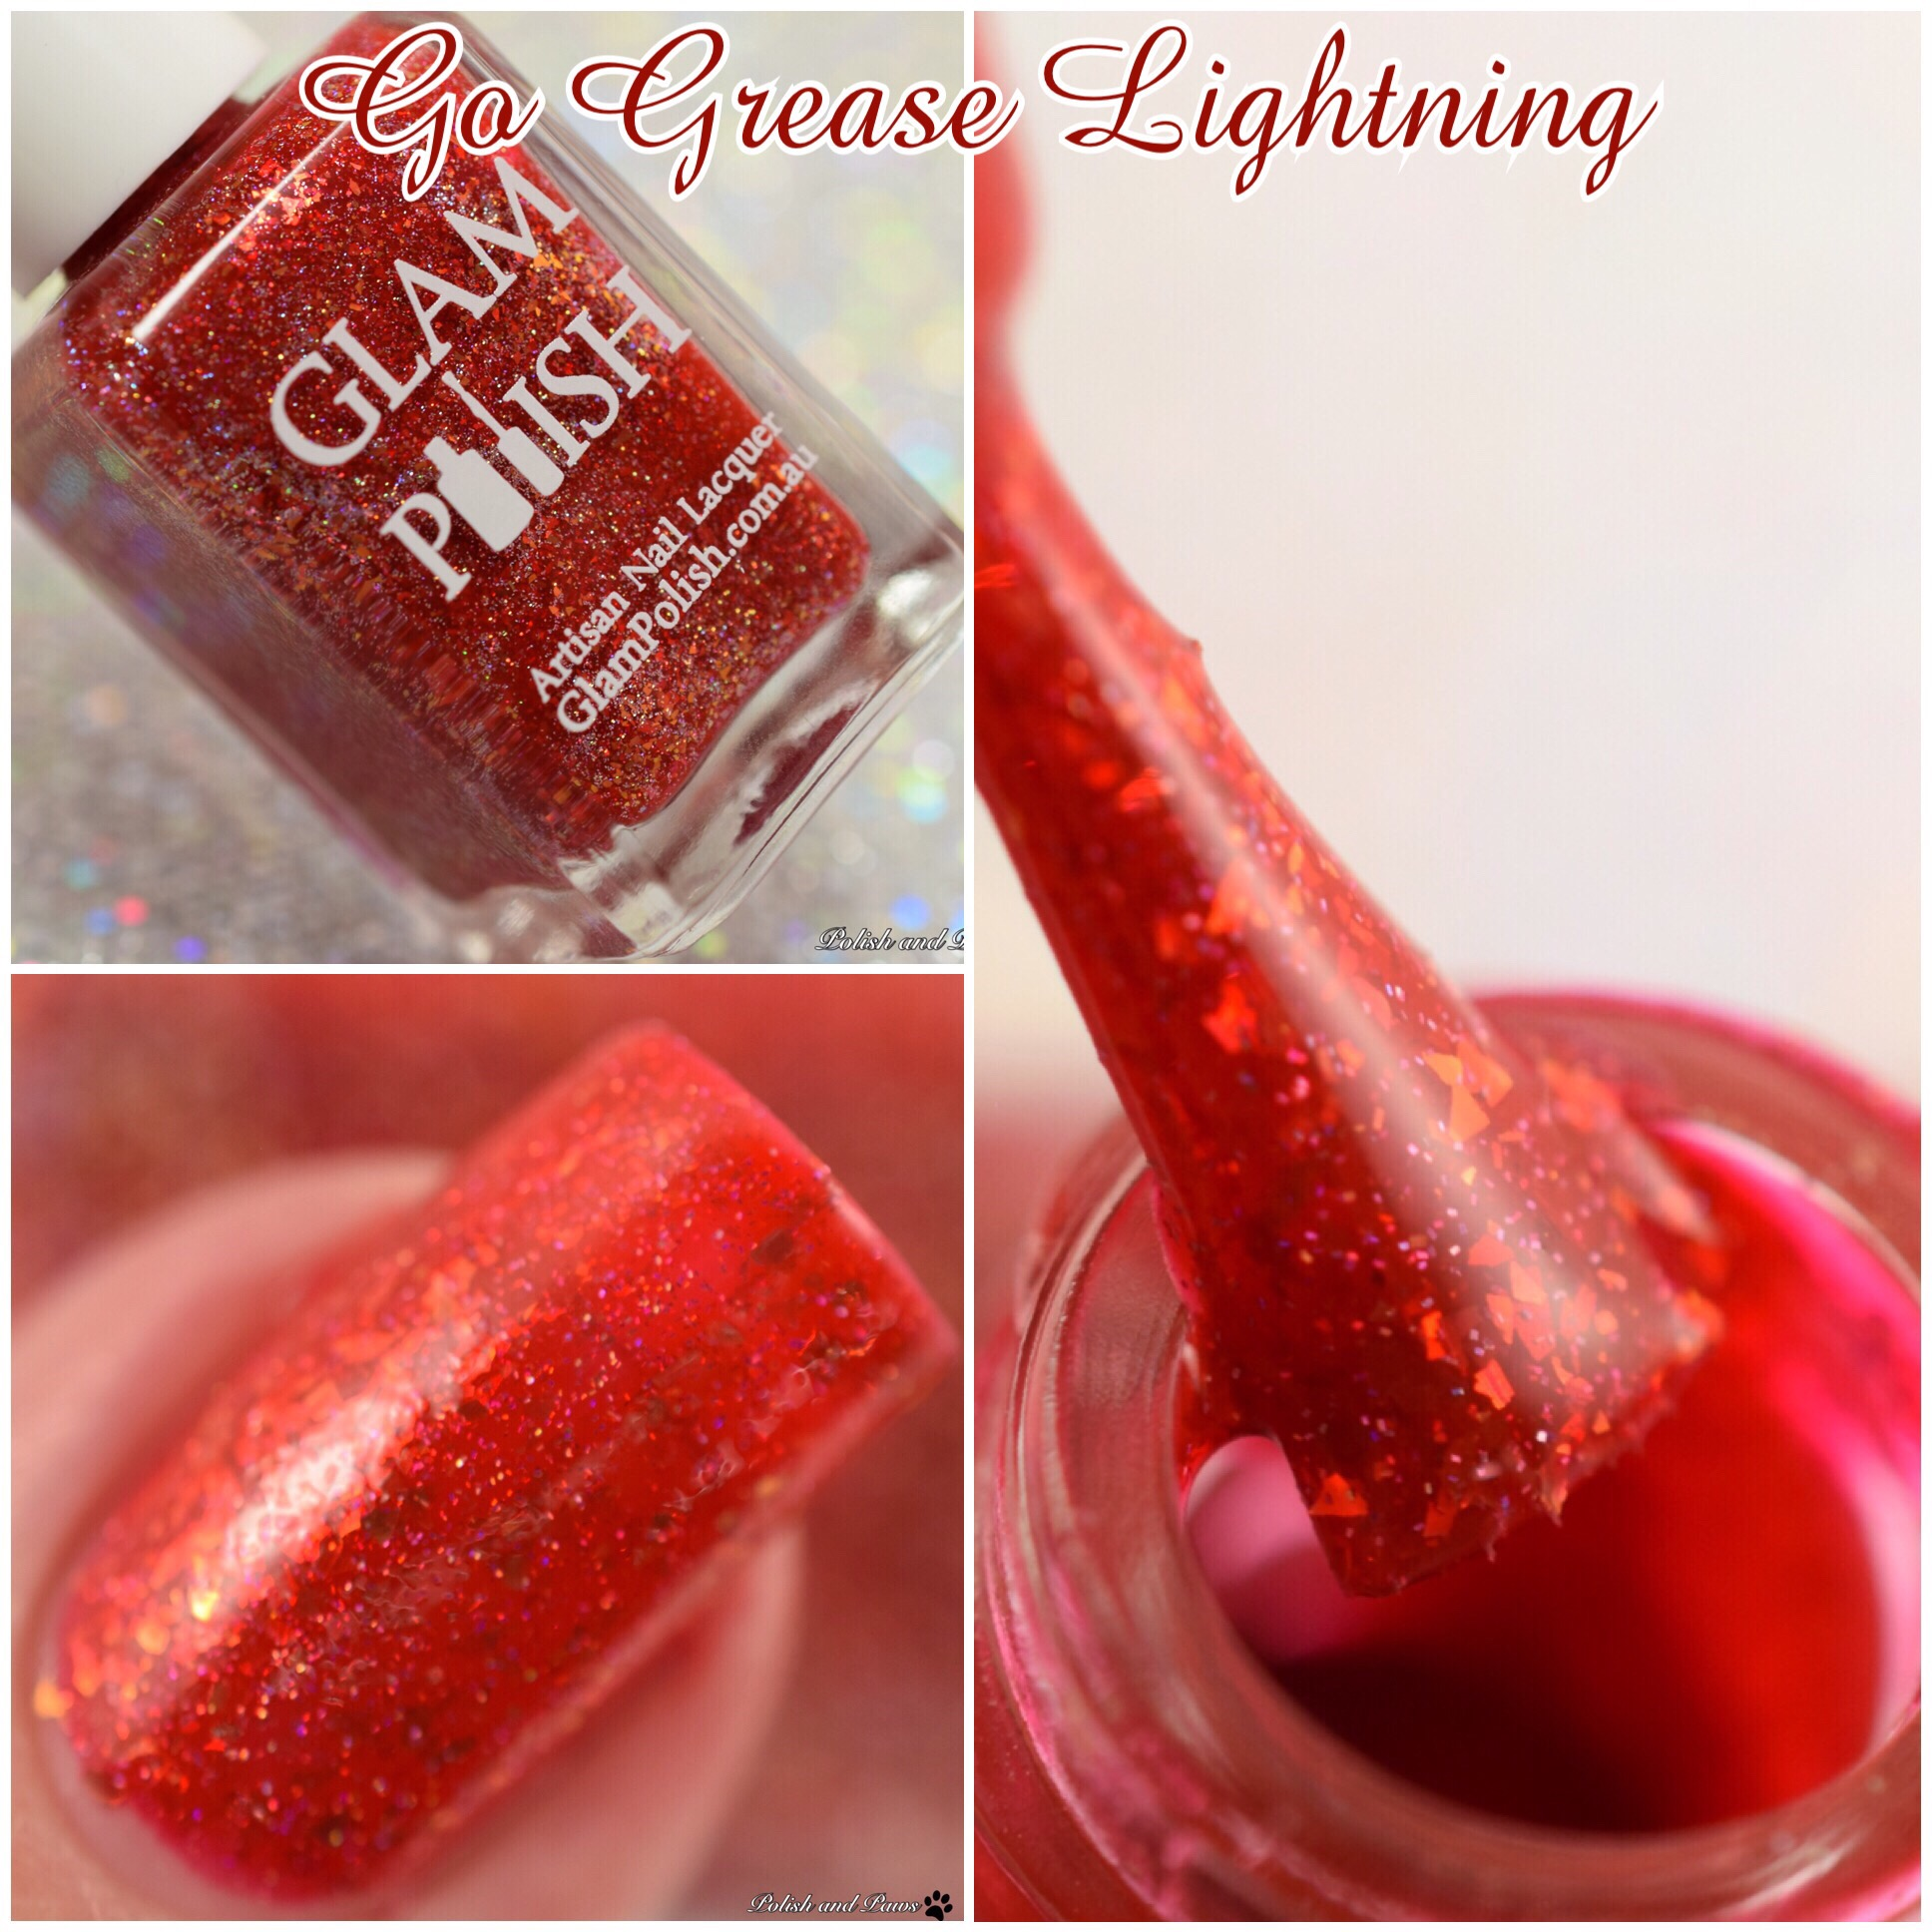 Glam Polish Go Grease Lightning